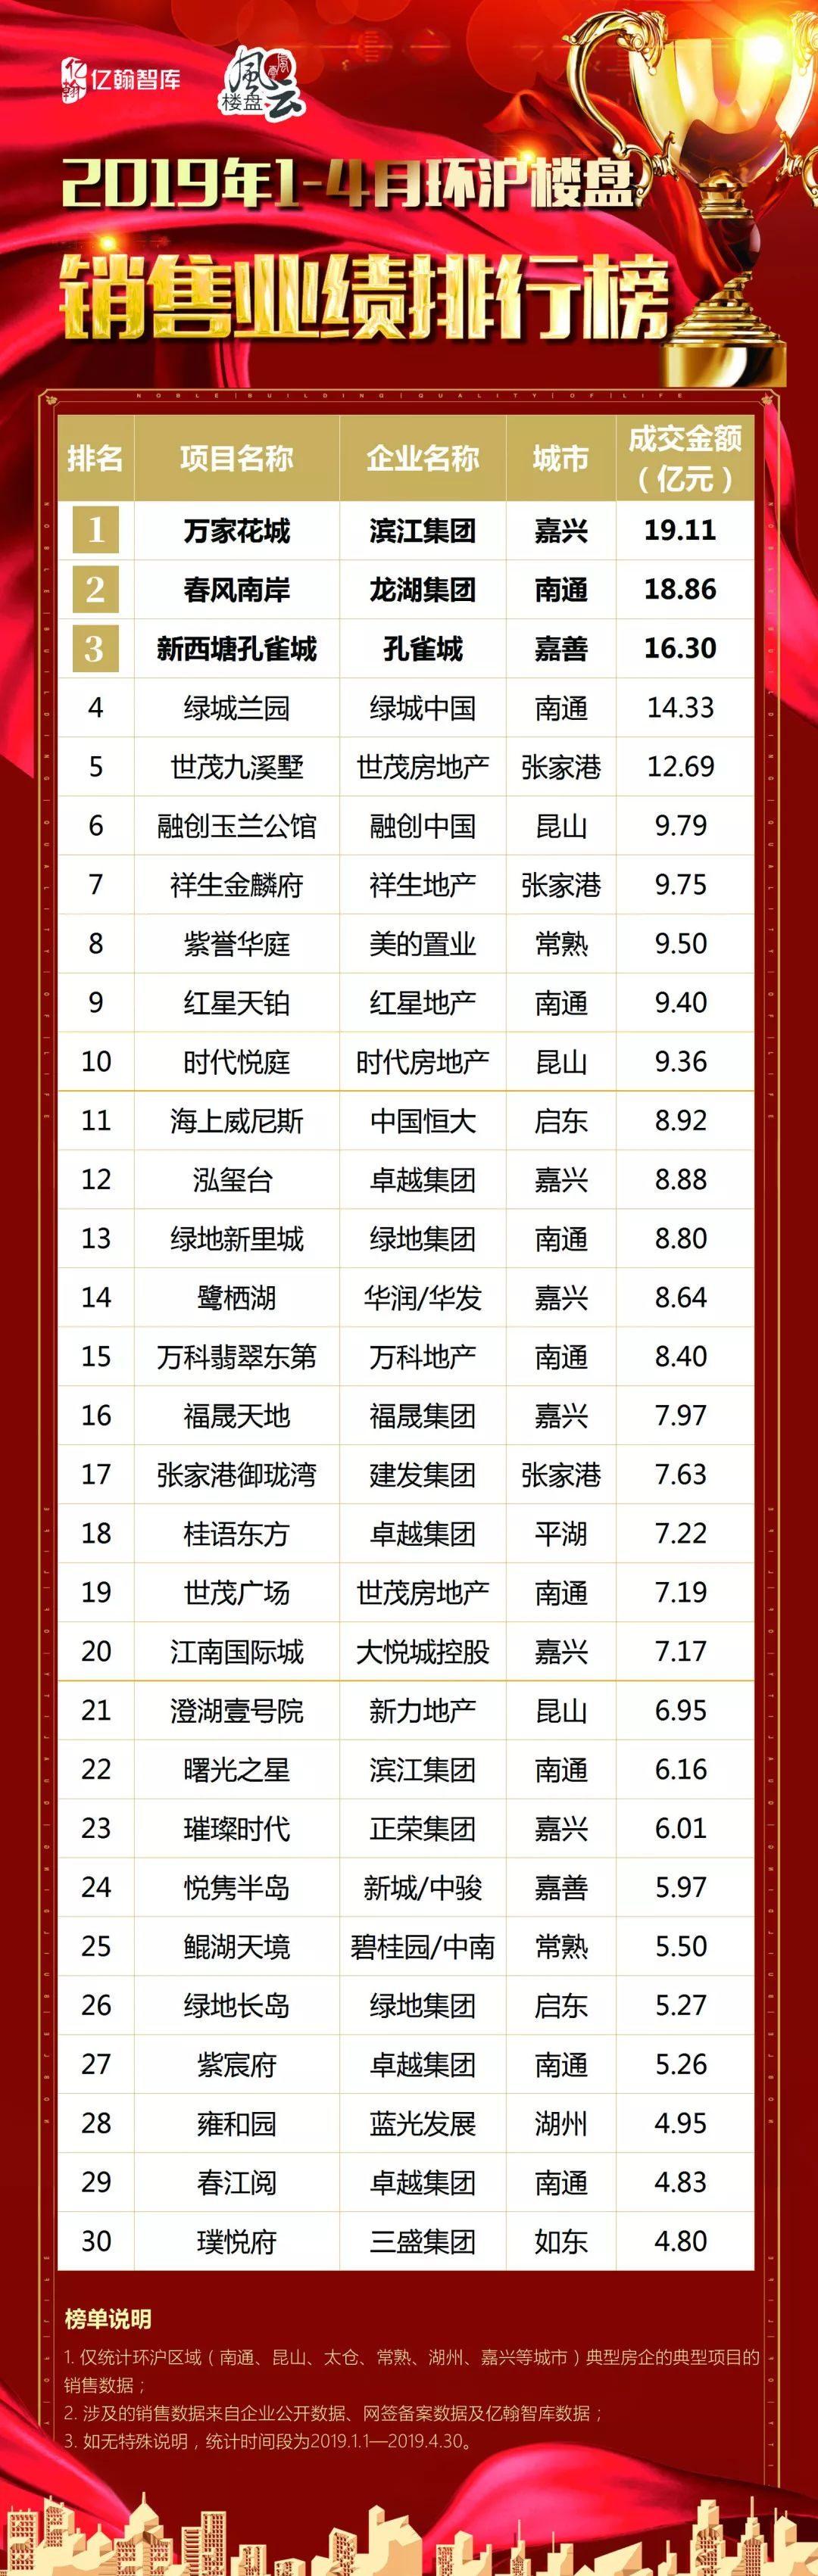 环沪30强 | 2019年1-4月环沪楼盘销售业绩榜